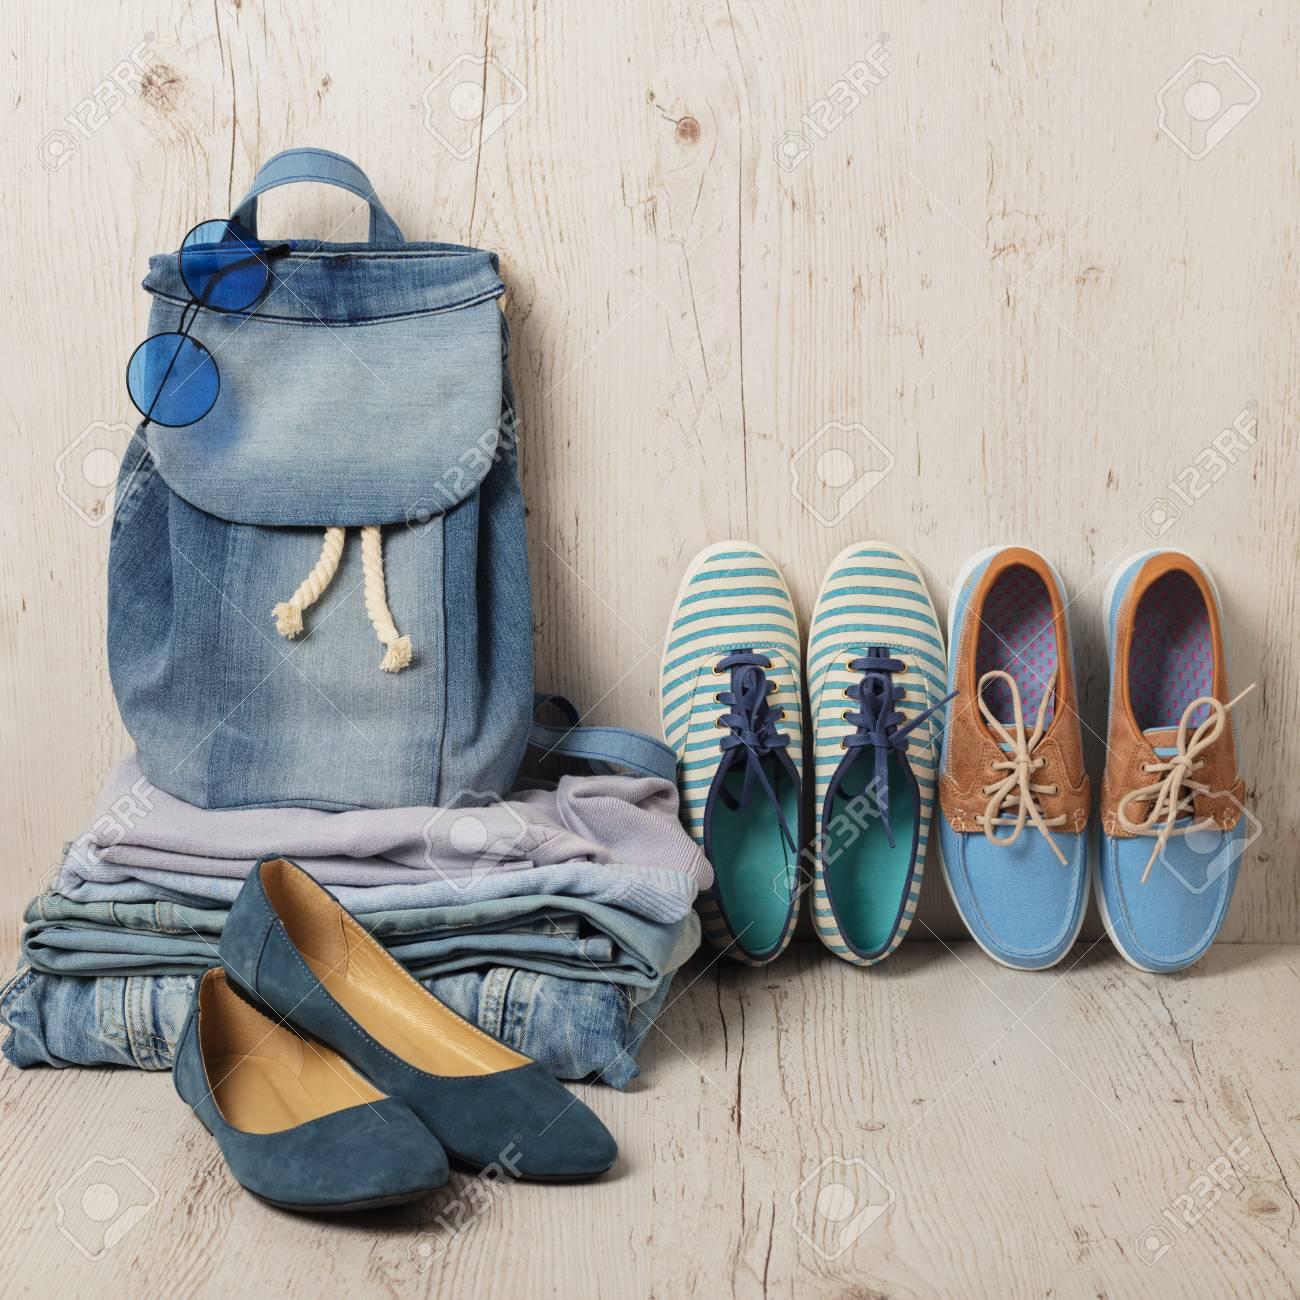 profiter de gros rabais dernier style de 2019 vraie affaire Denim fashion set - vêtements, chaussures et accessoires. Mise au point  sélective